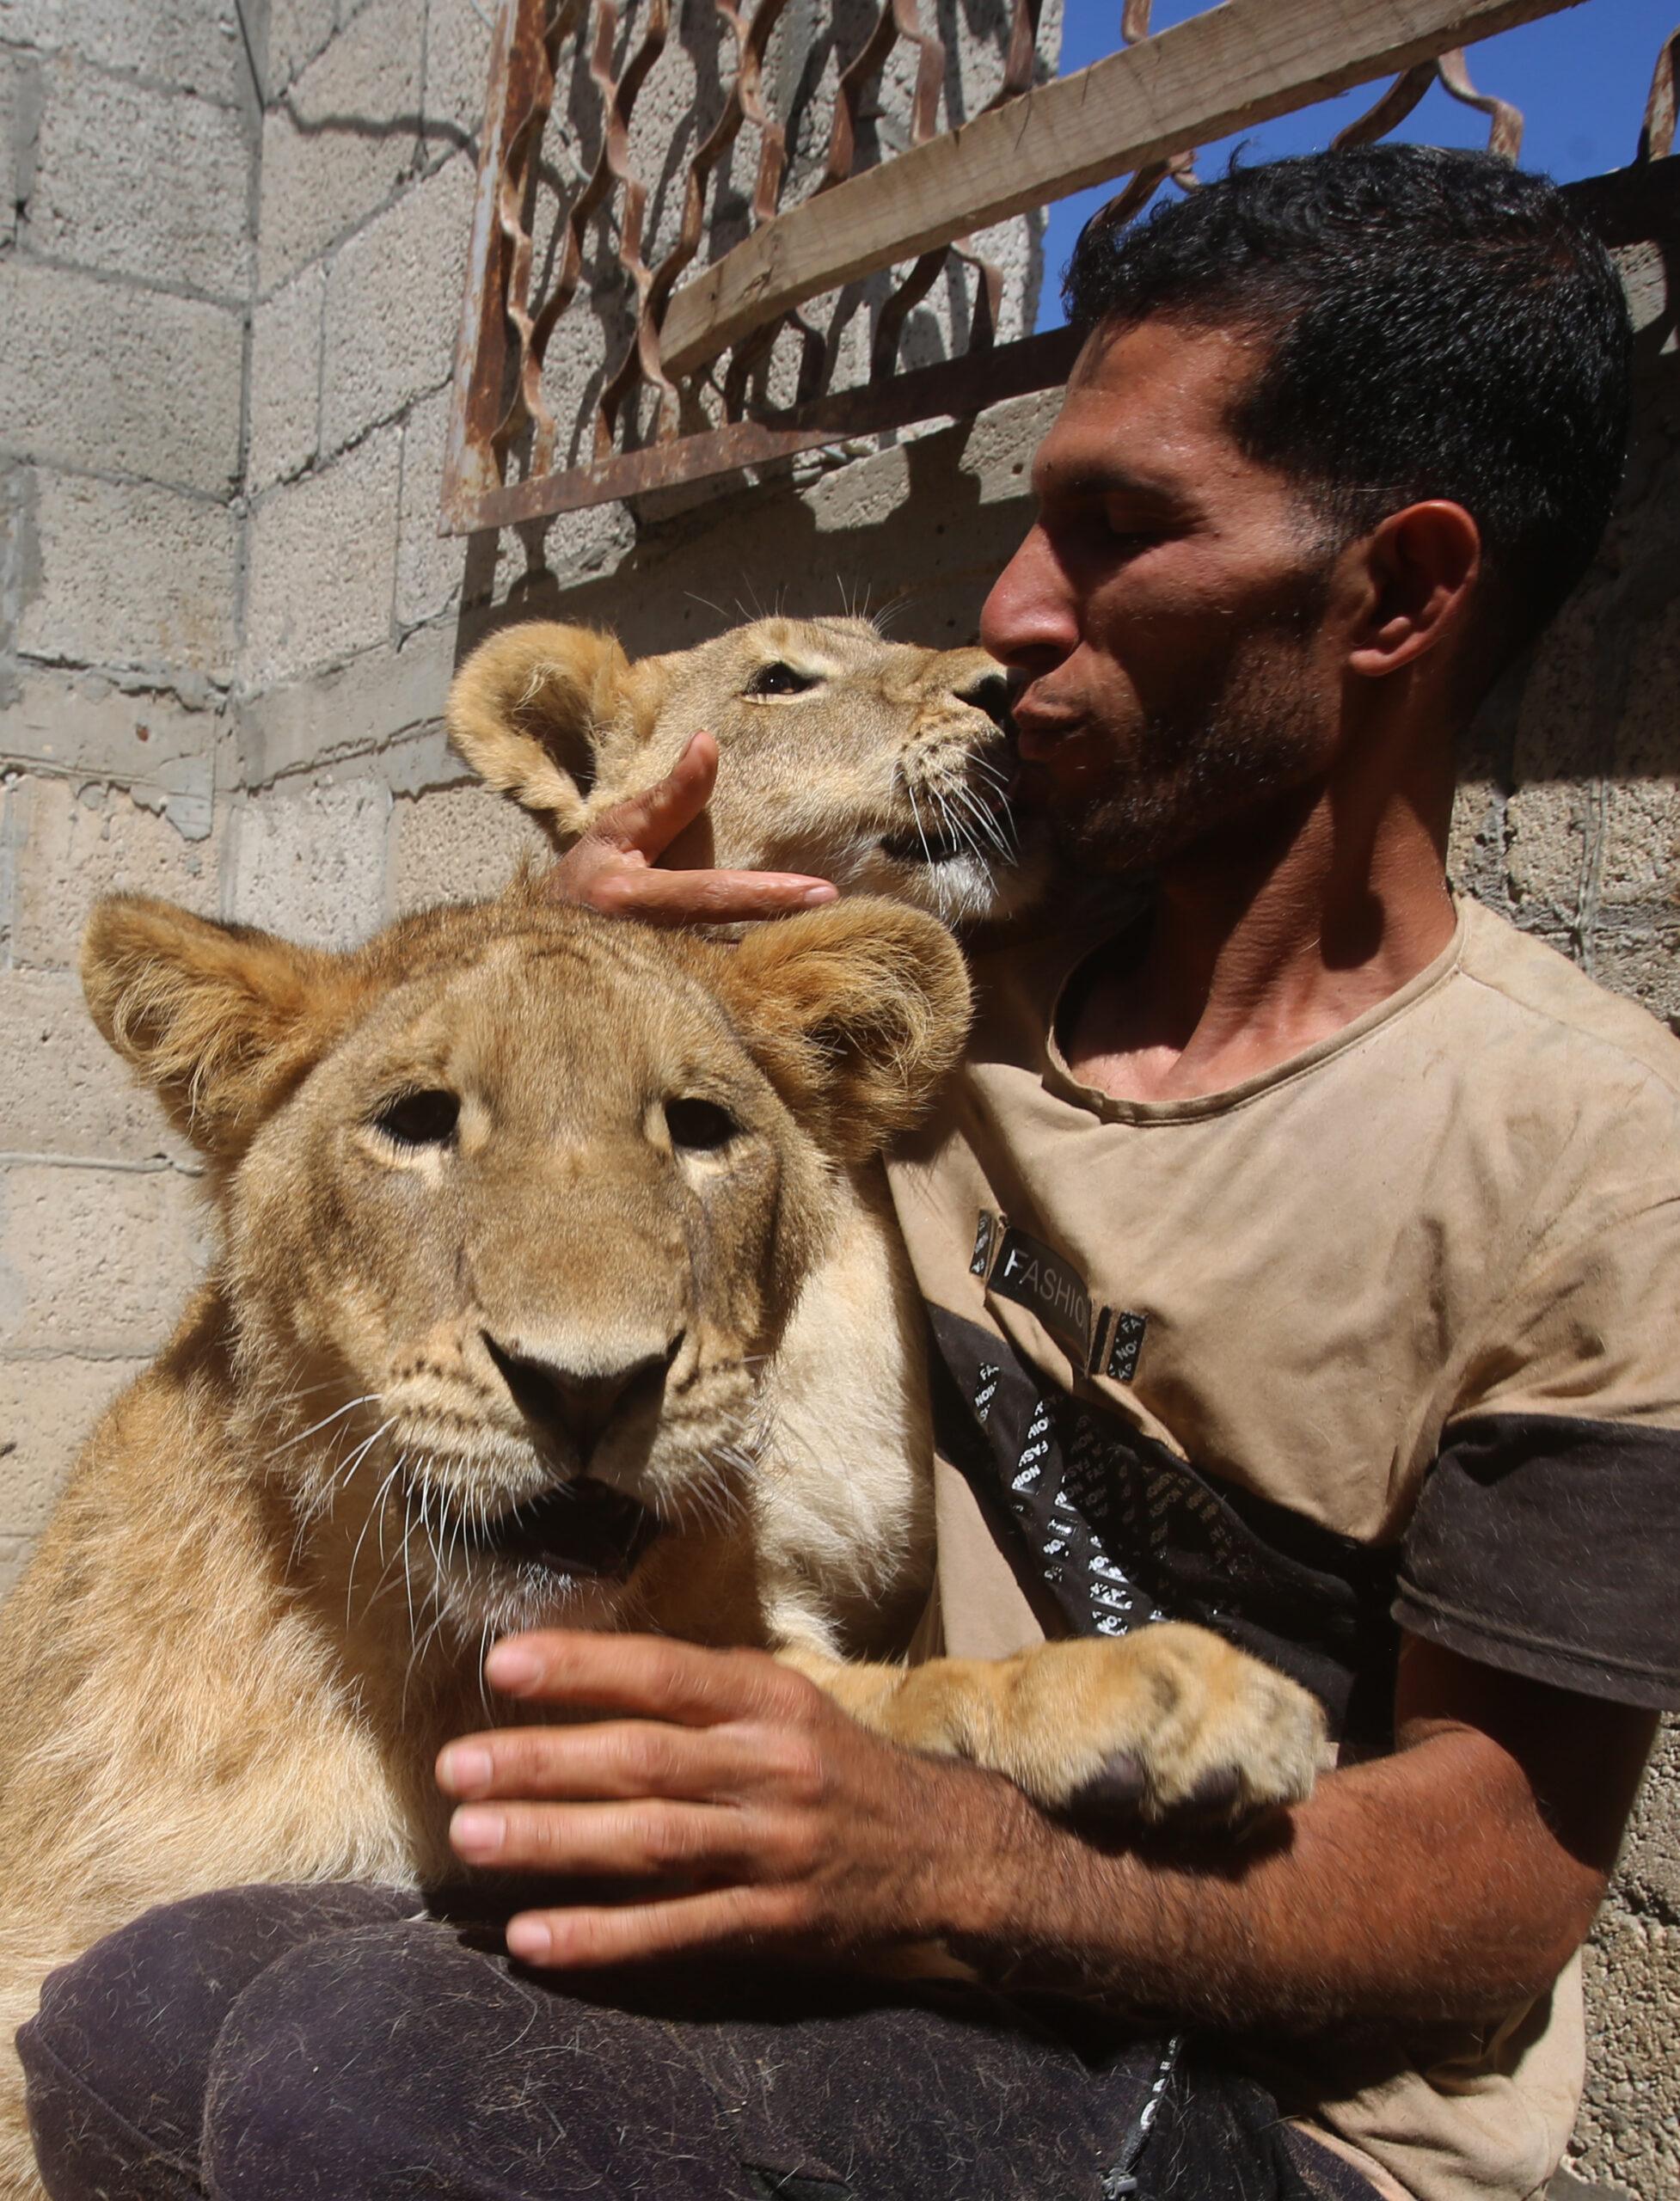 แสนเชื่อง! 'ลูกสิงโต' คลอเคลียมนุษย์ในฉนวนกาซา